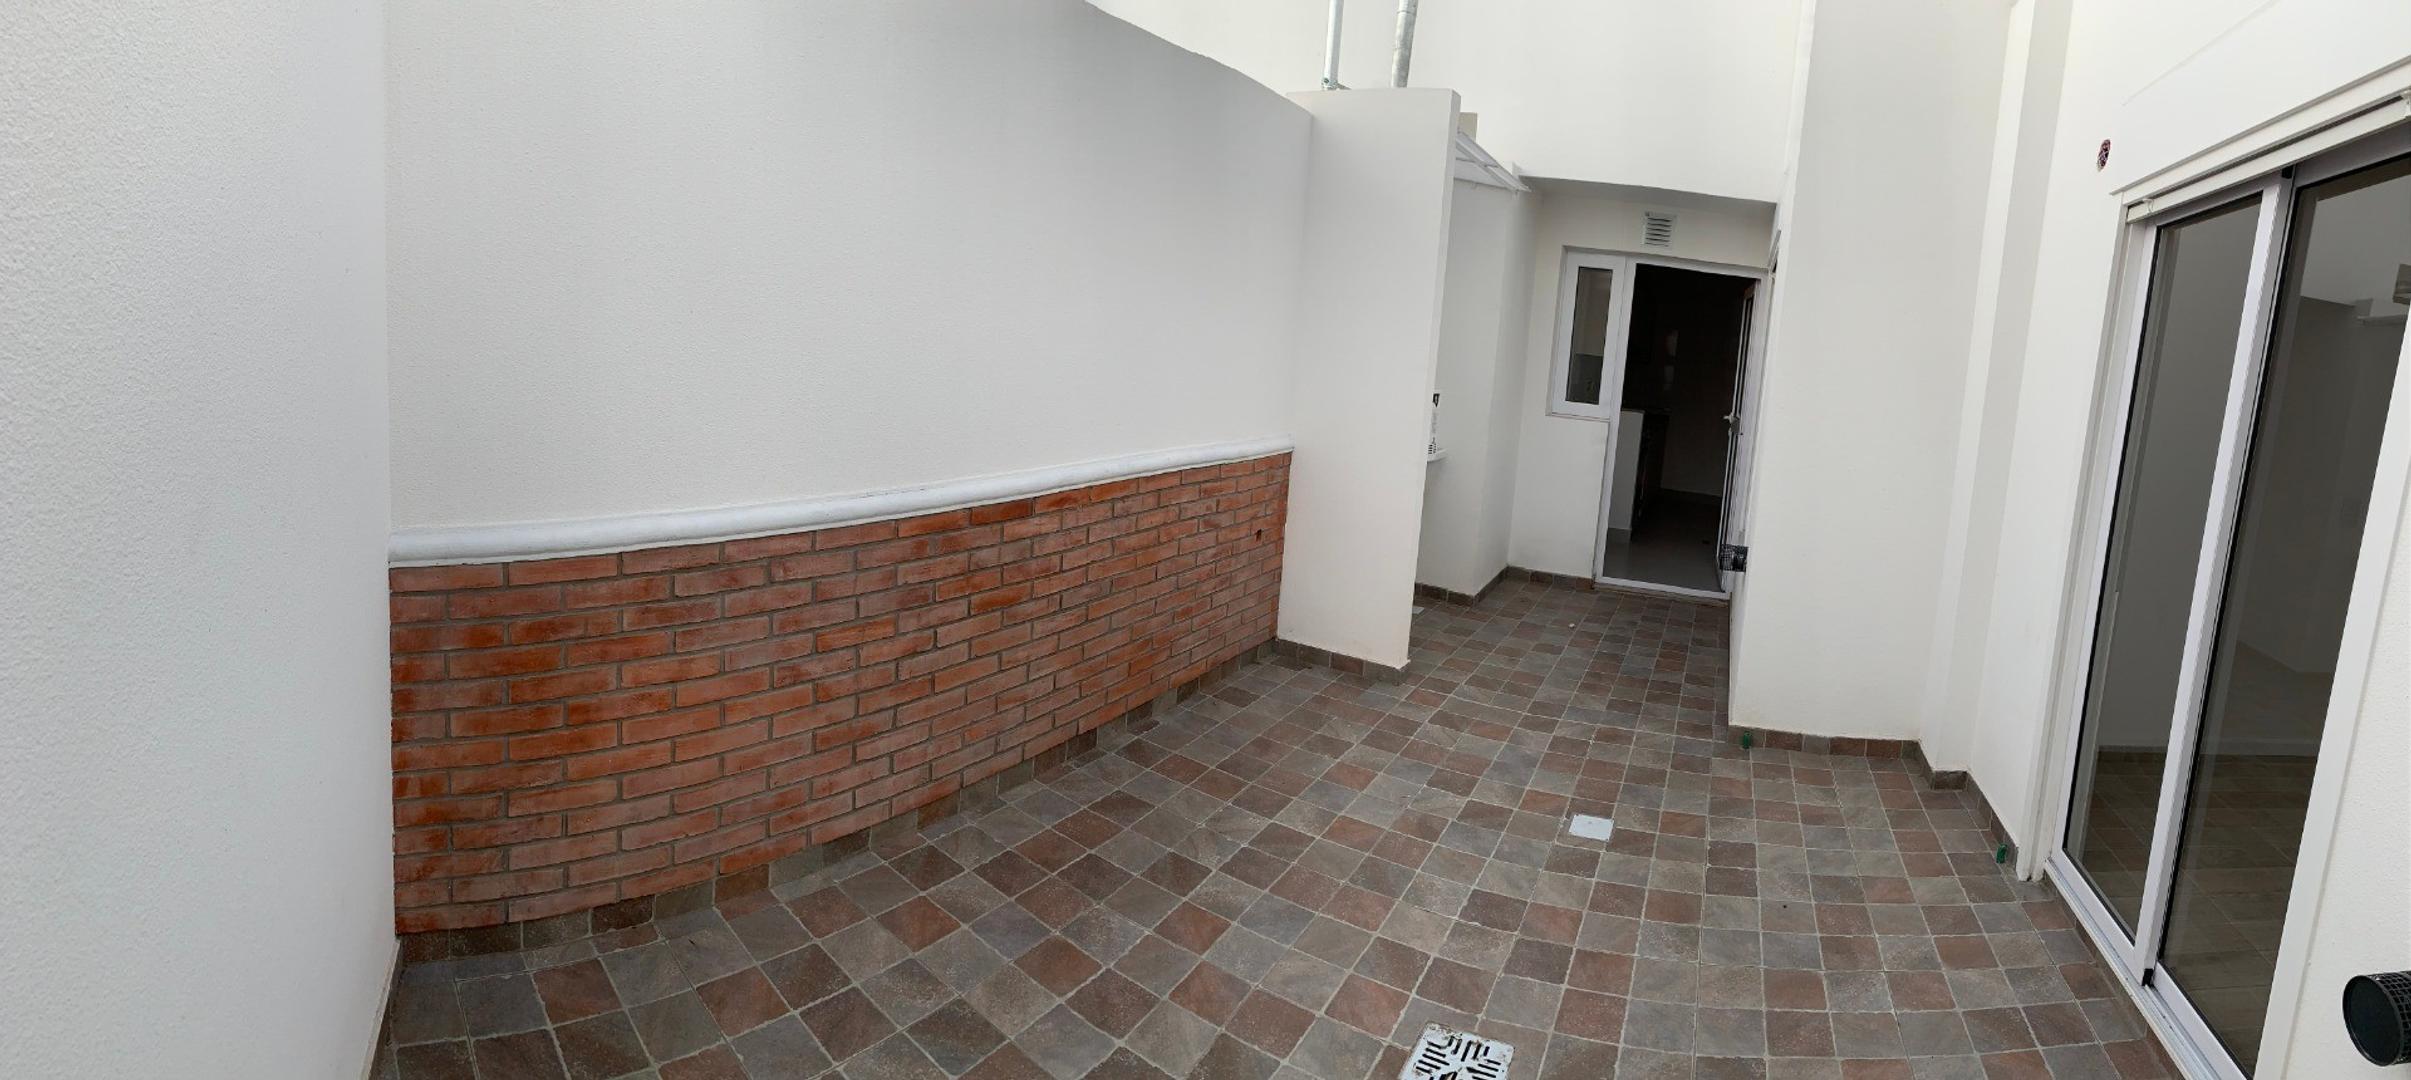 Departamento tipo casa, 3 ambientes con cochera, patio y terraza! SIN COMISIÓN  - Foto 15